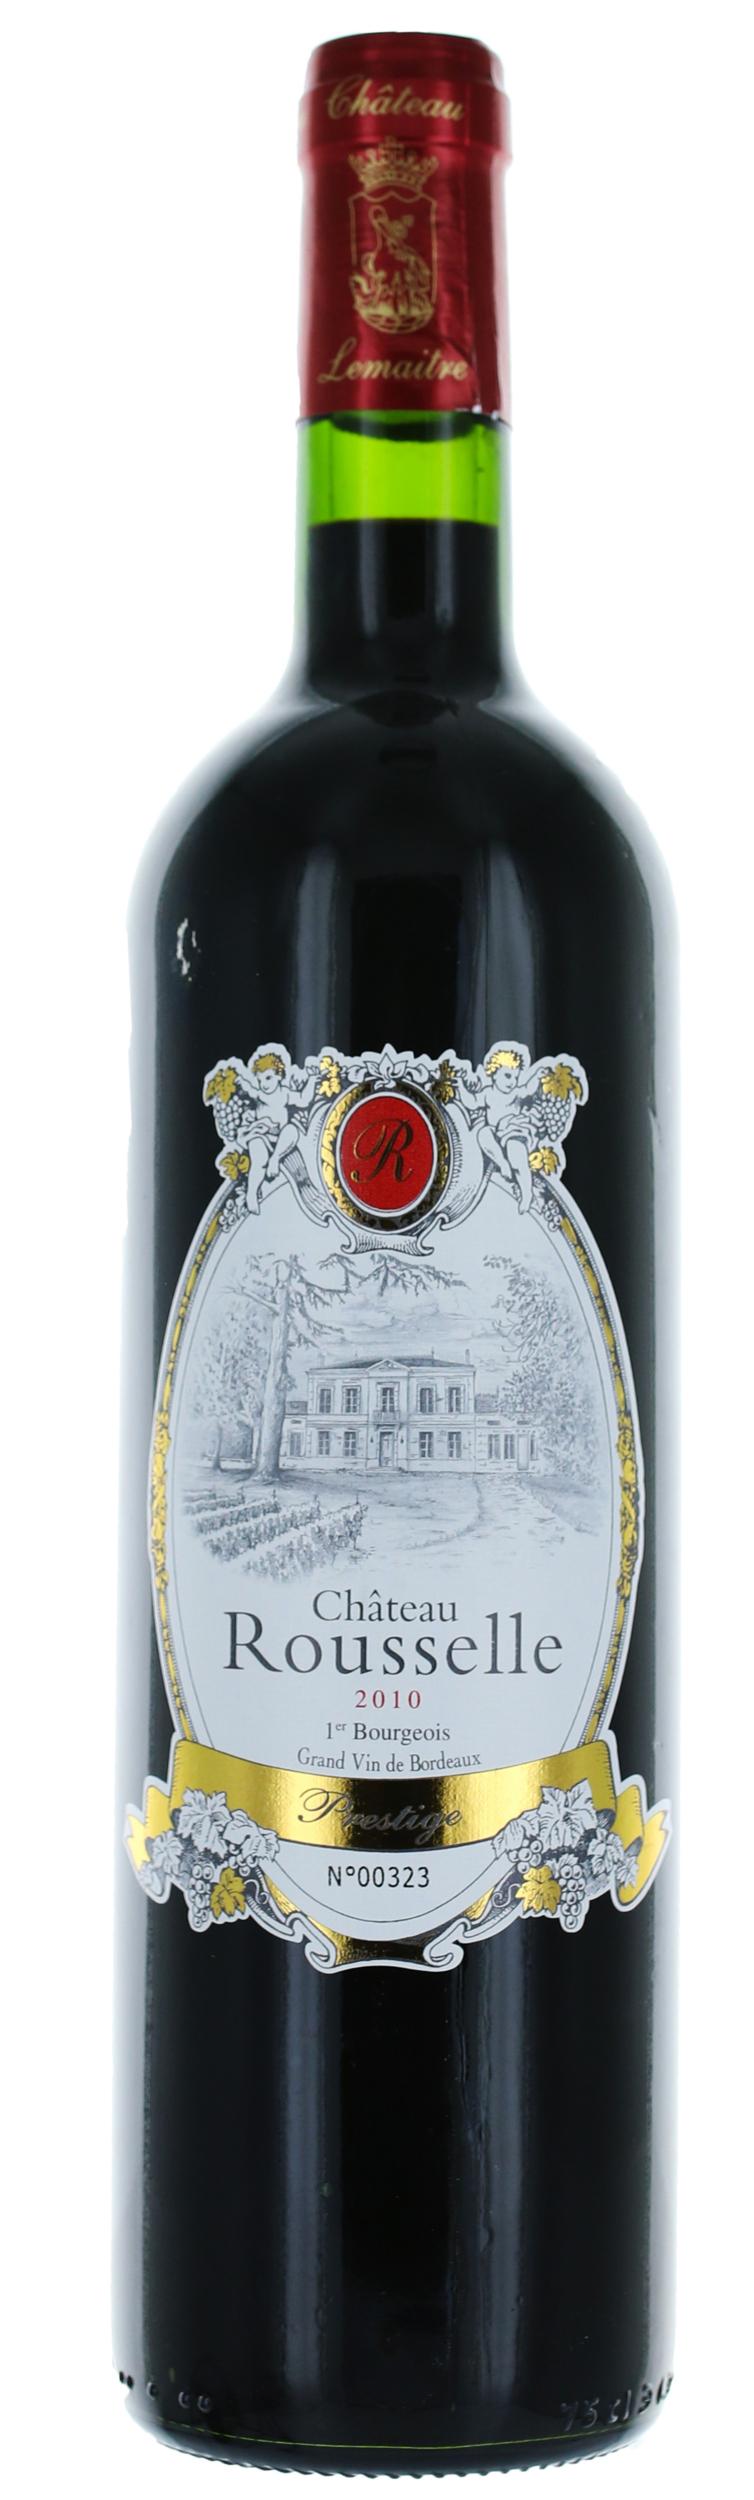 Côtes de Bourg - Cuvee Prestige - Château Rousselle - Vignobles Lemaitre - 2016